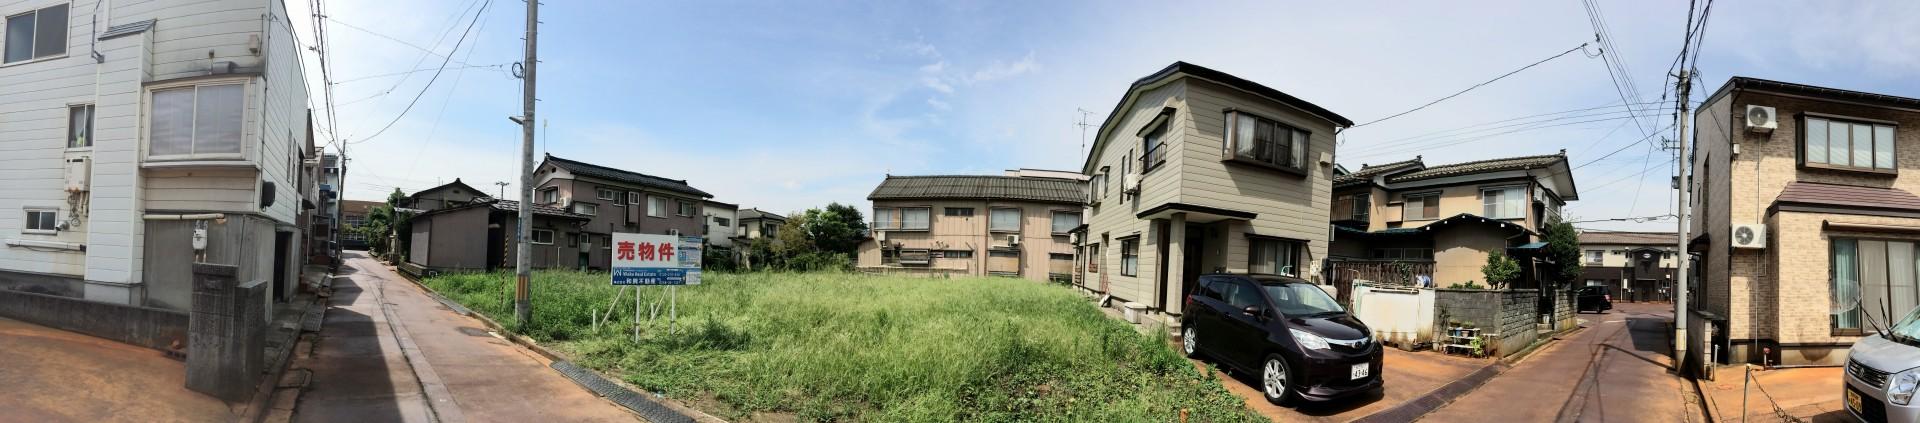 長岡不動産分譲地33